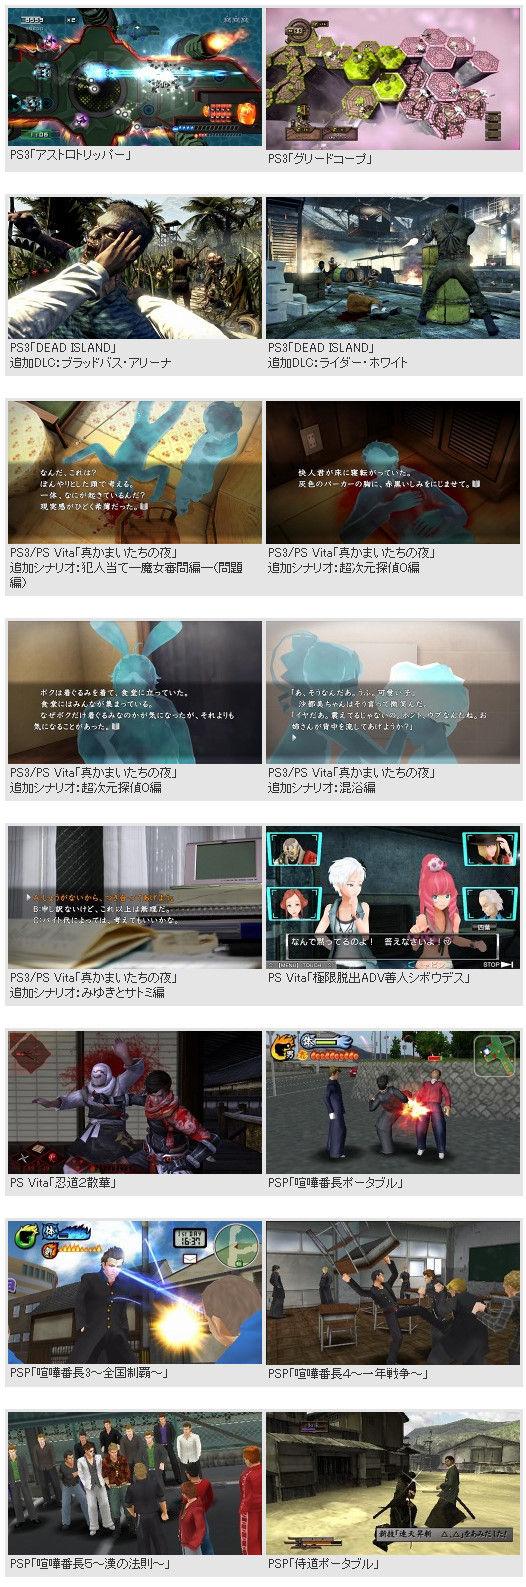 bdcam 2012-04-19 19-16-45-871